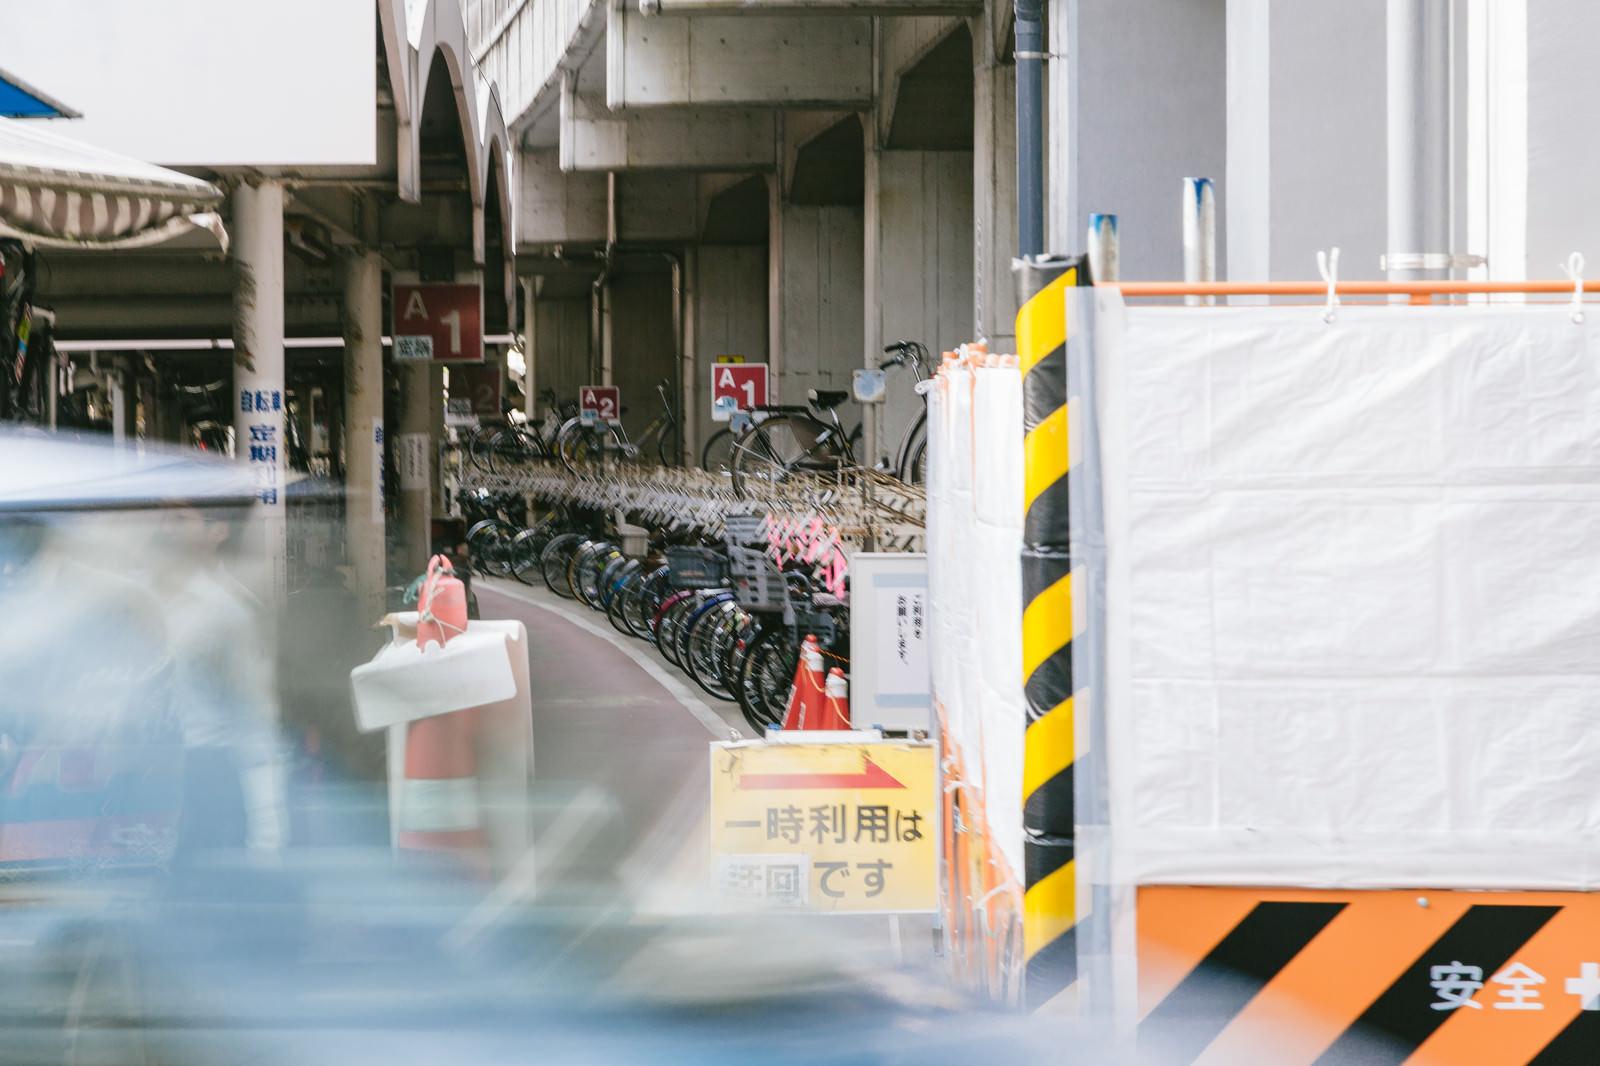 「駅前の駐輪場 | 写真の無料素材・フリー素材 - ぱくたそ」の写真